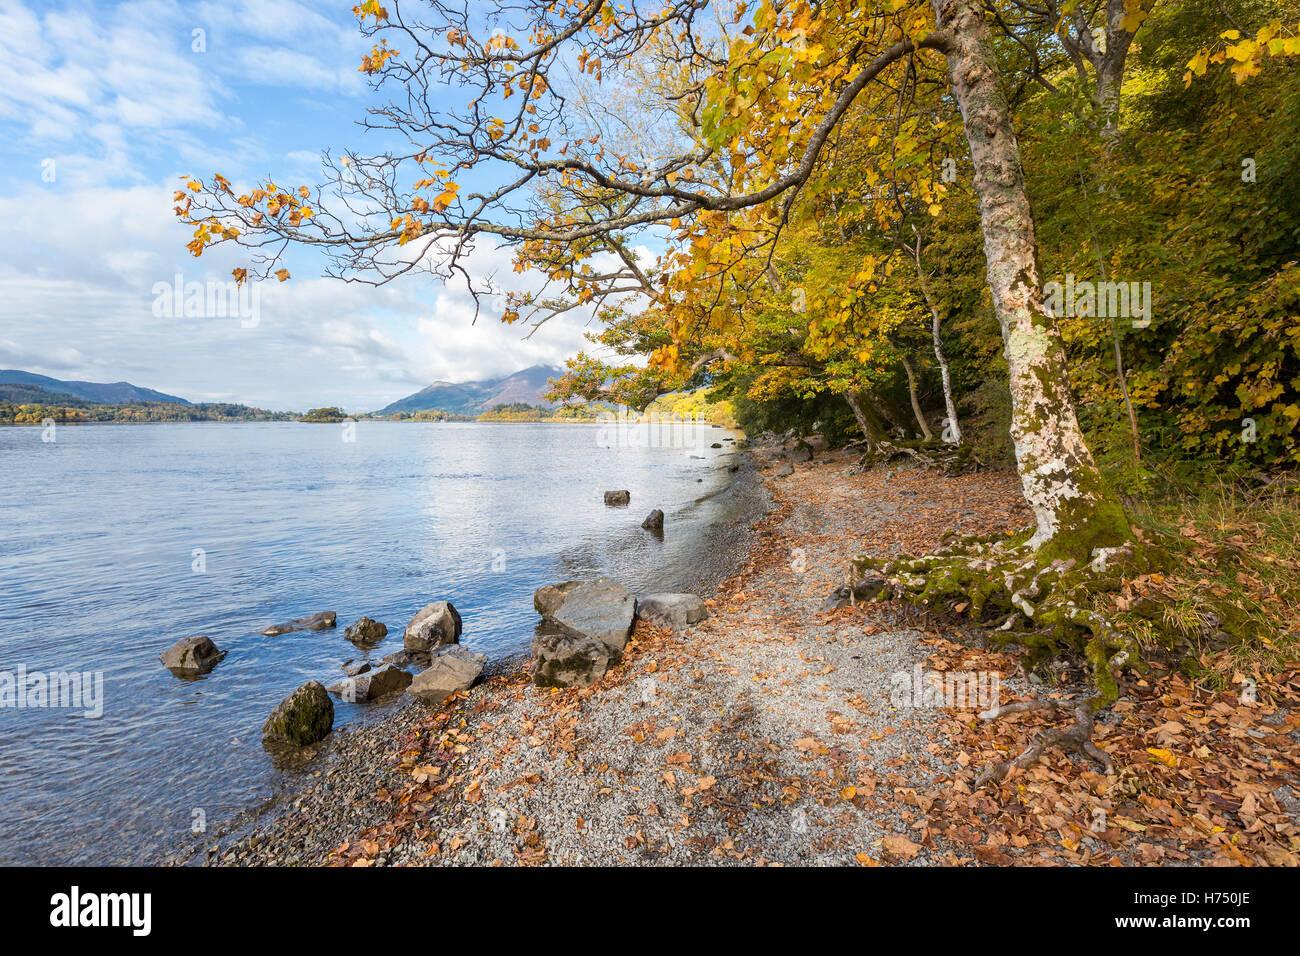 Les arbres d'automne sur la rive de Derwent Water, une destination touristique populaire dans le Lake District. Photo Stock